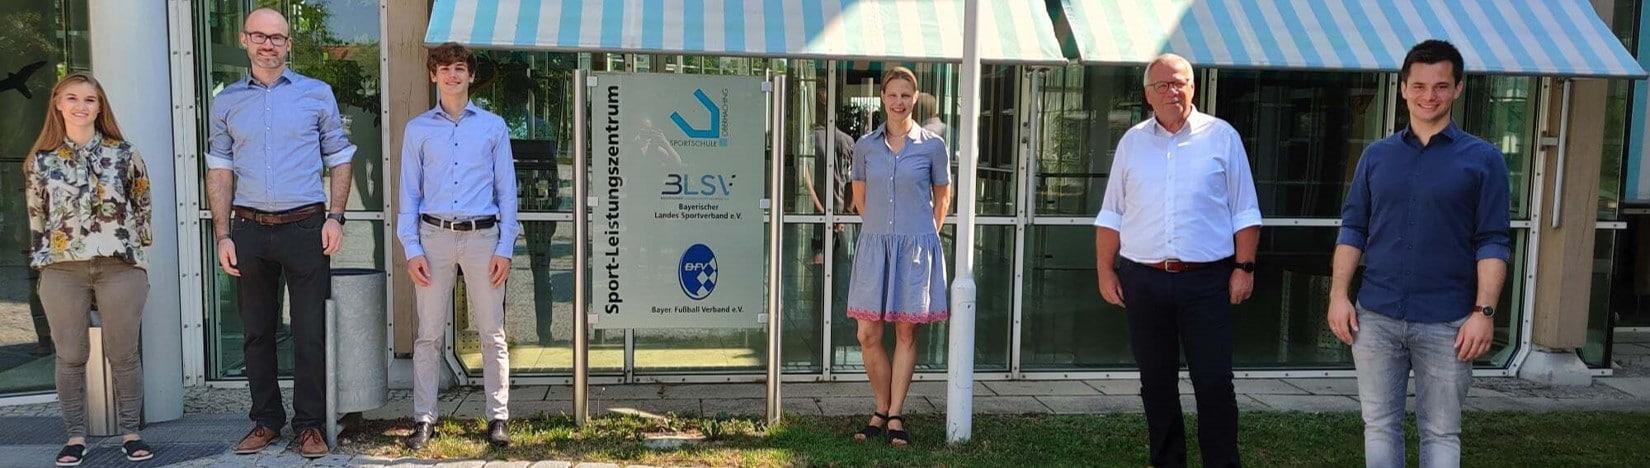 Treiben die Partnerschaft gemeinsam voran: ecoblue AG, Sportschule Oberhaching und BFV Service GmbH